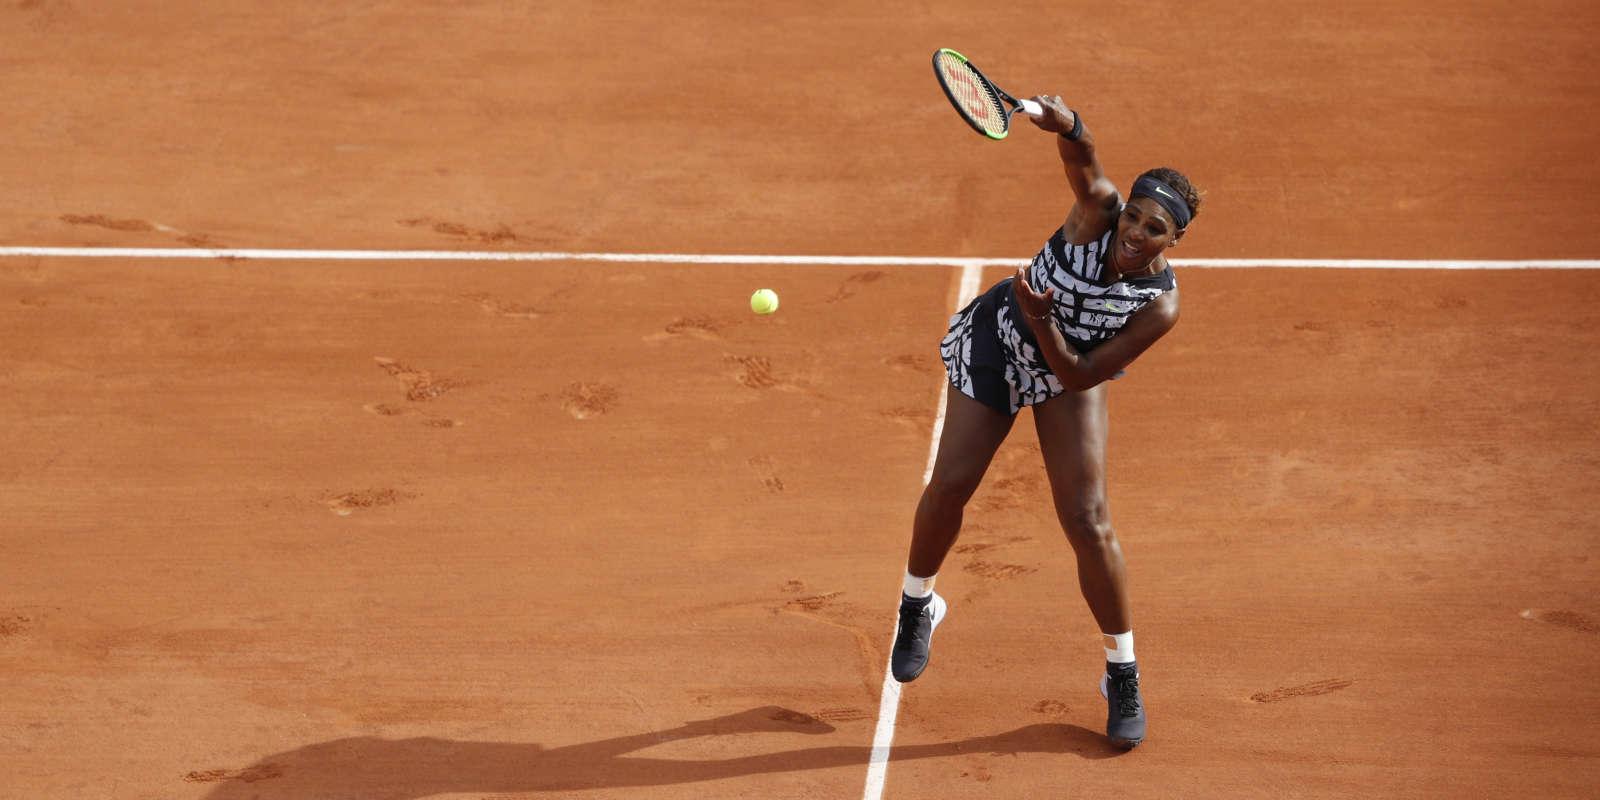 Après avoir perdu le premier set, Serena Williams a réglé son jeu, et s'impose au prmeier tour de Roland-Garros.